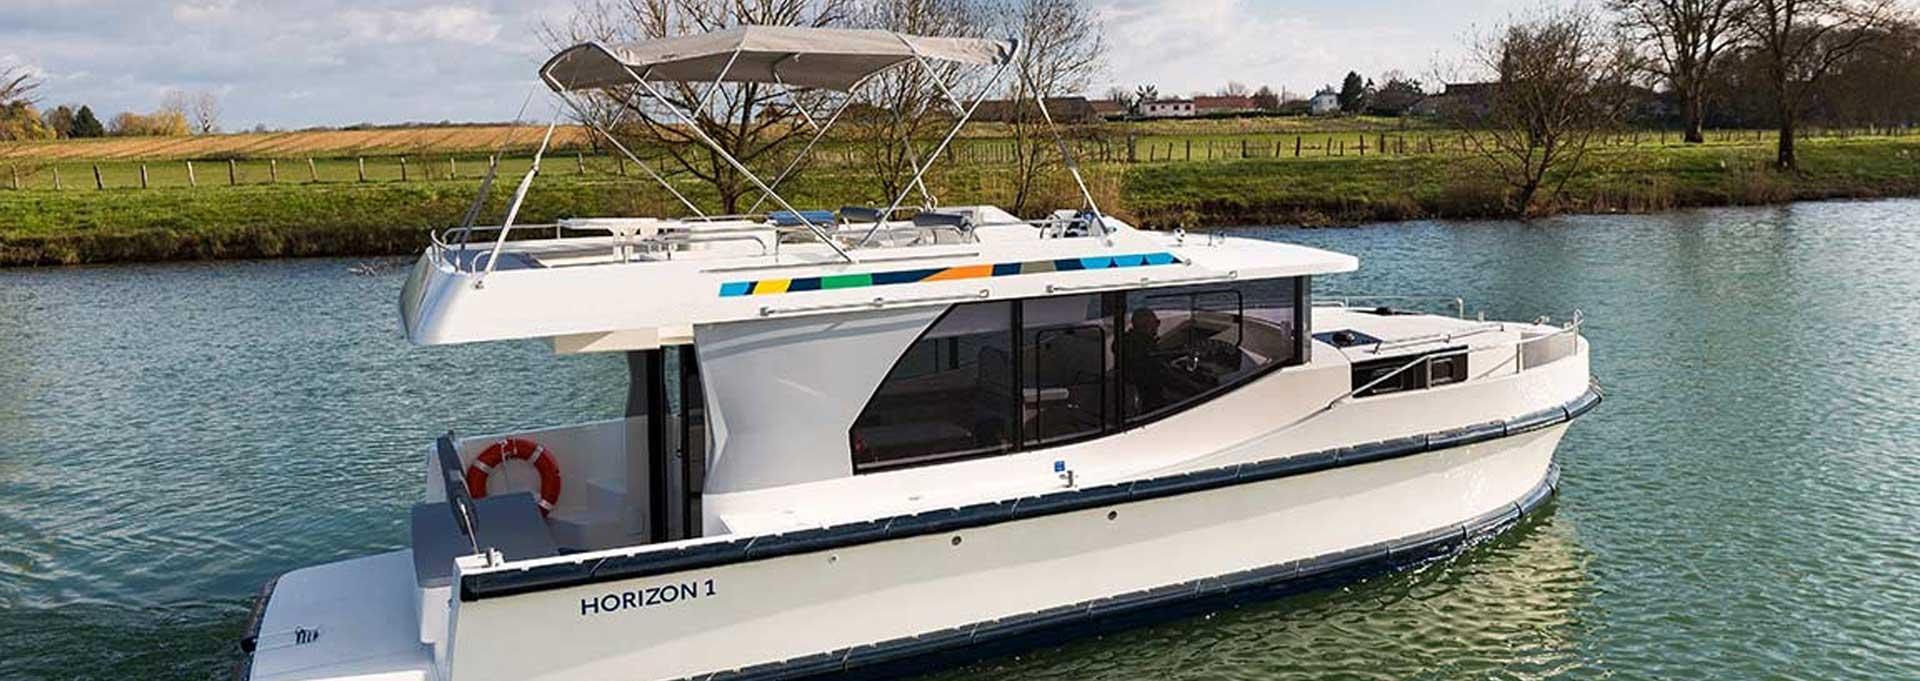 Hausboot Horizon 2 Kabinen